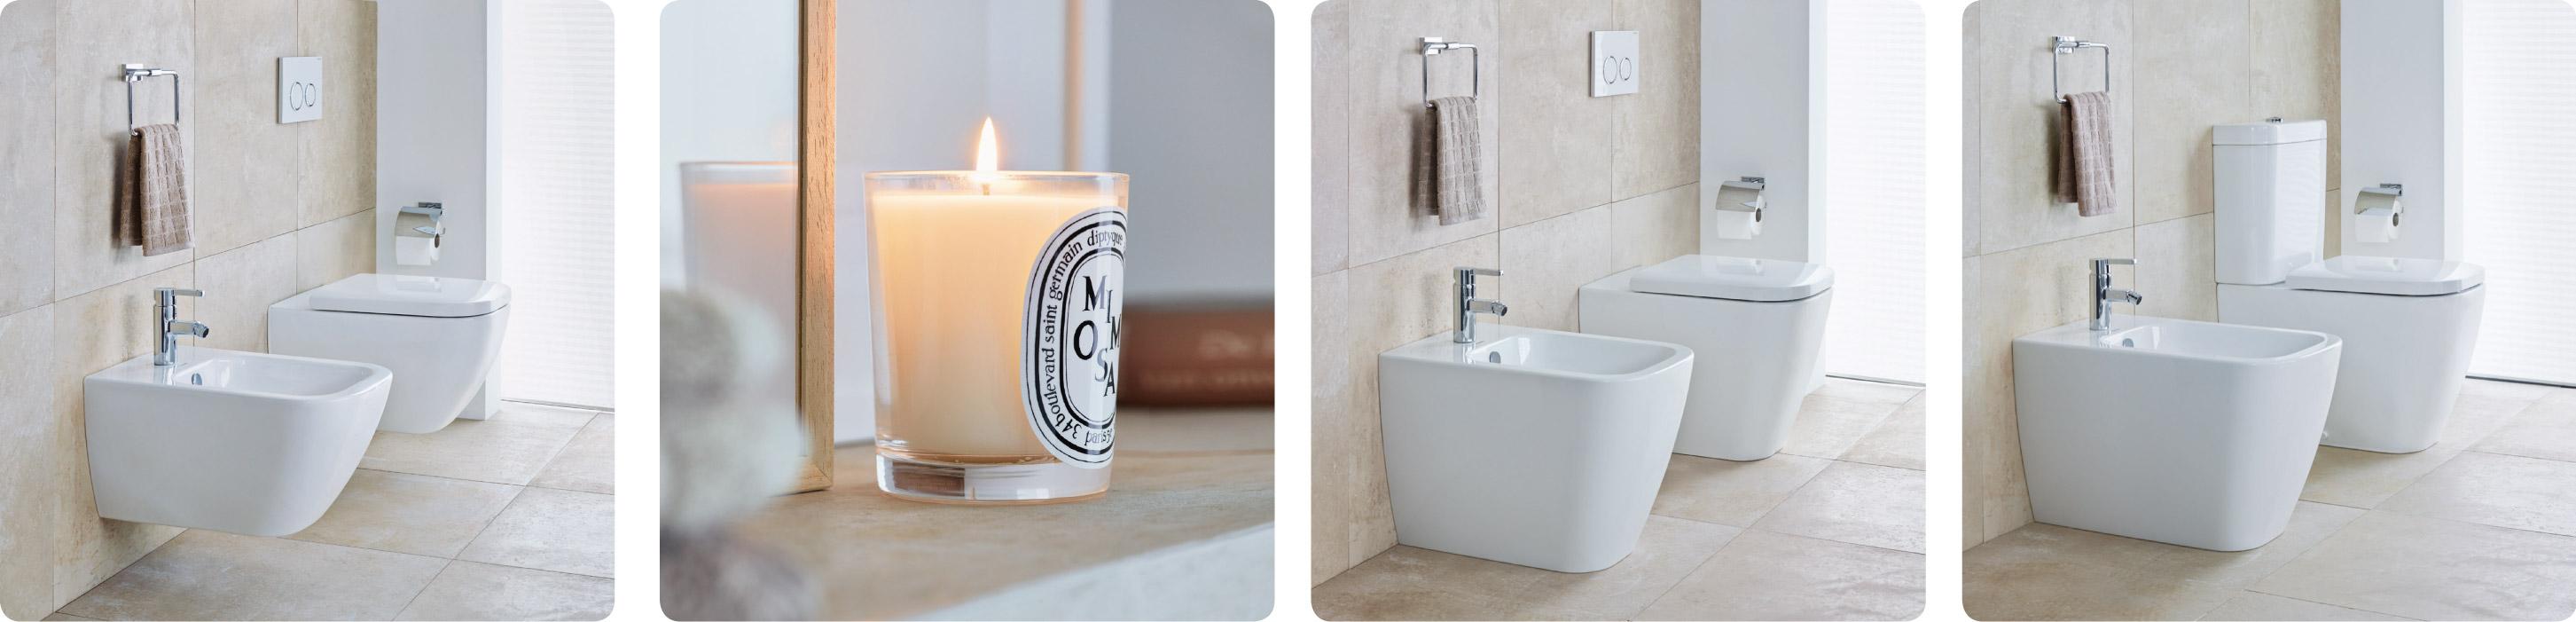 happy d 2 waschtische wcs badewannen mehr duravit. Black Bedroom Furniture Sets. Home Design Ideas